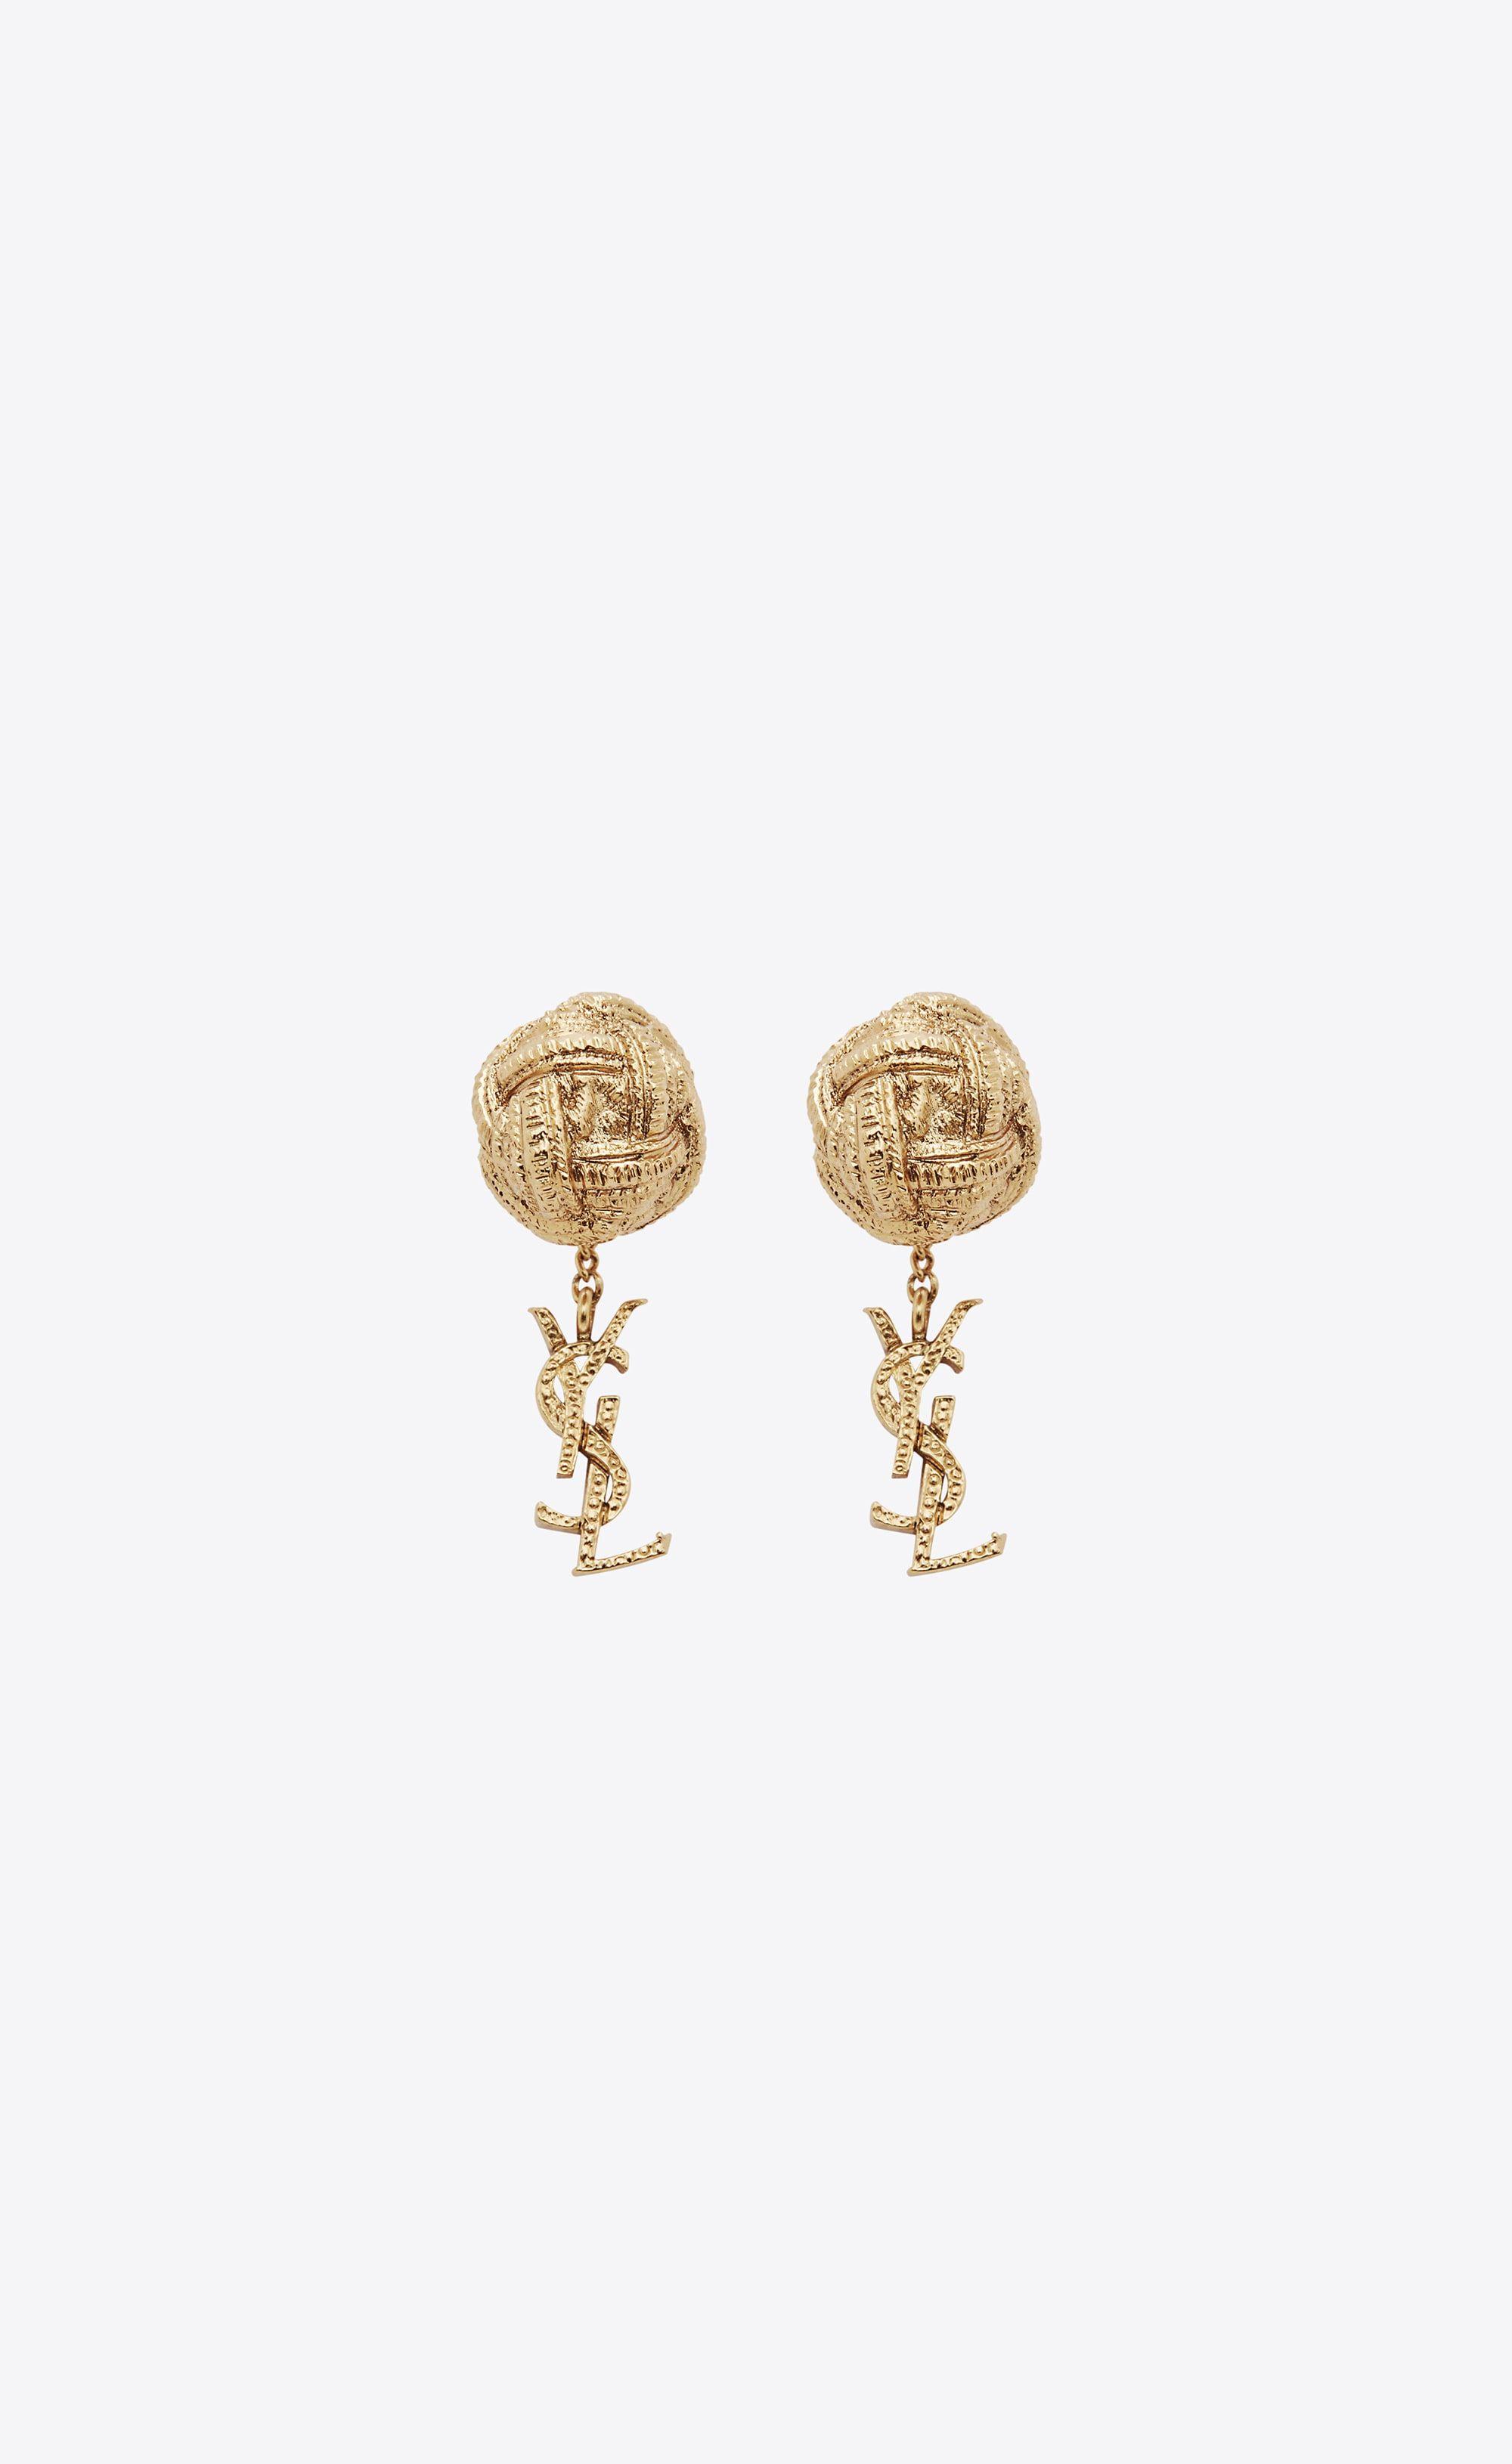 99ab7f961e Saint Laurent Monogram Brandebourg Earrings In Gold Brass | YSL.com ...